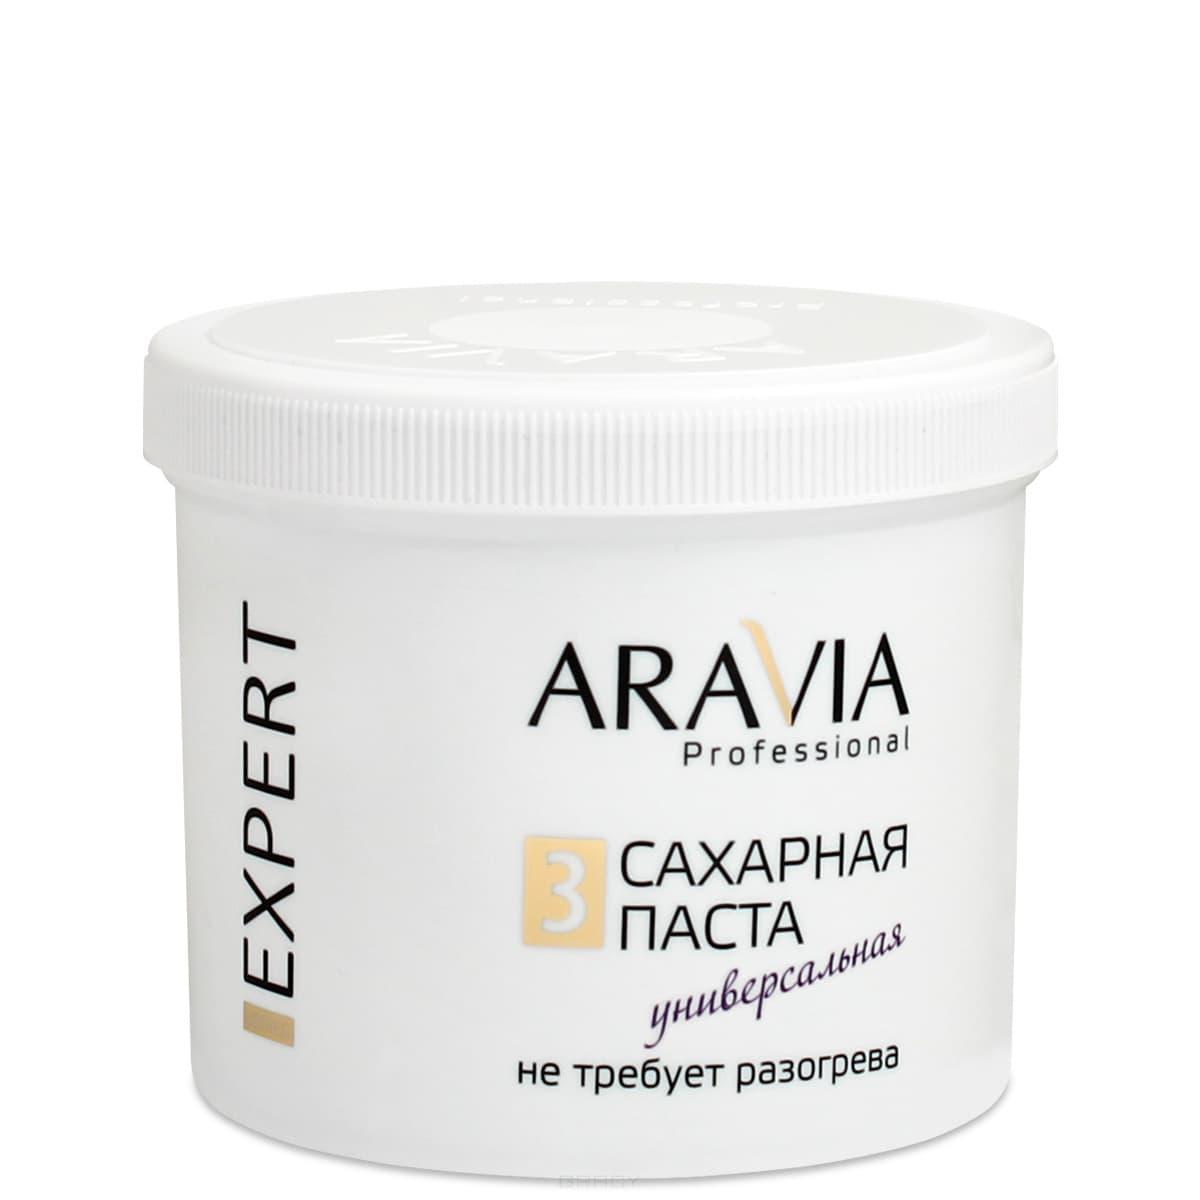 Купить Aravia - Сахарная паста для депиляции EXPERT 3 Универсальная , 750 гр